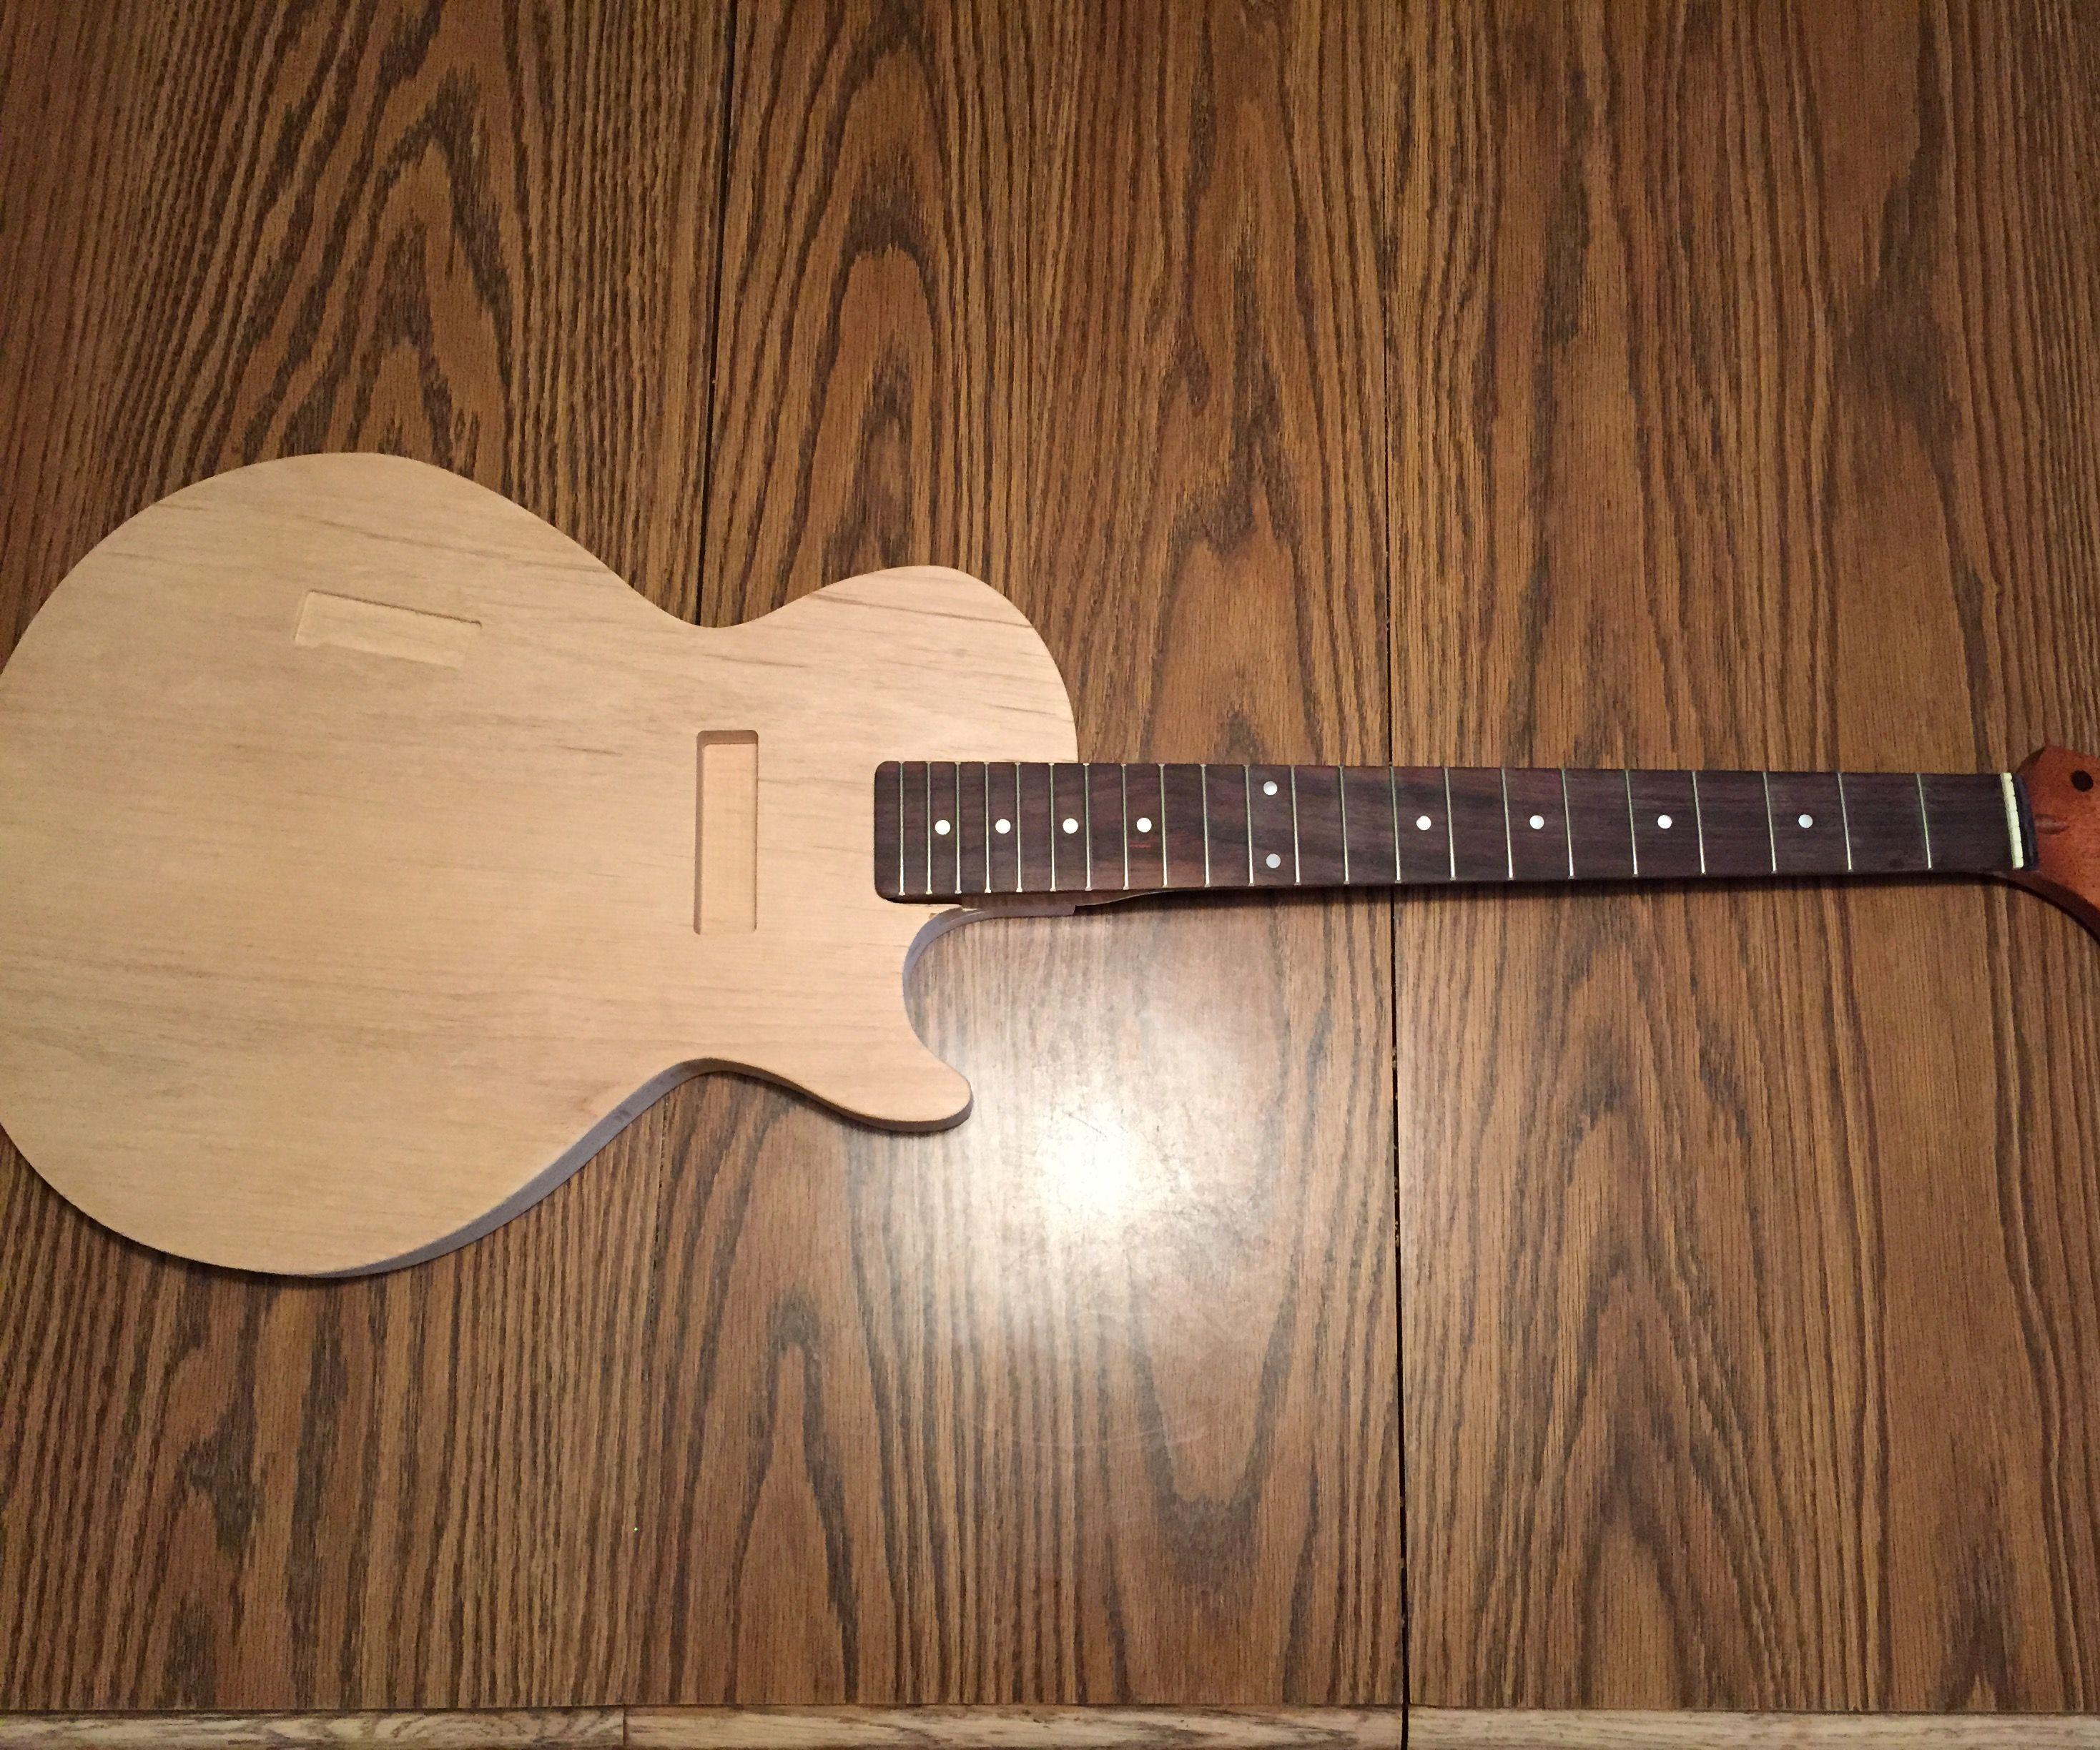 DIY Custom Guitar